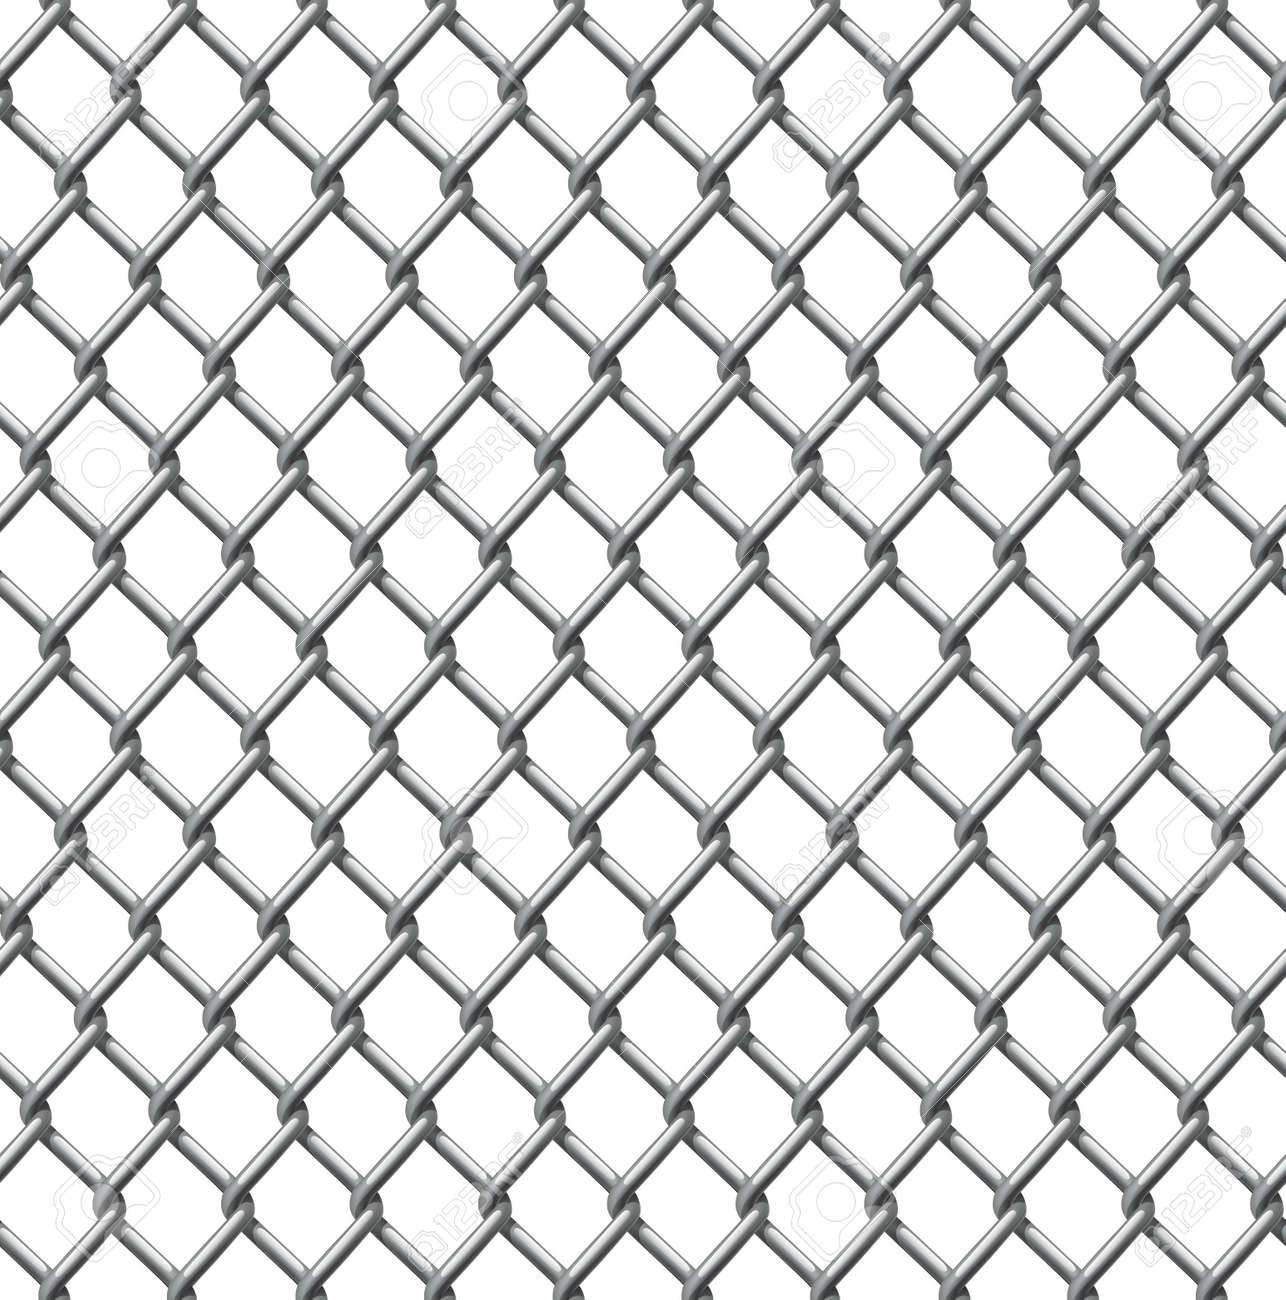 Ein Beispiel Für Eine Nahtlos Tillable Maschendrahtzaun Muster ...